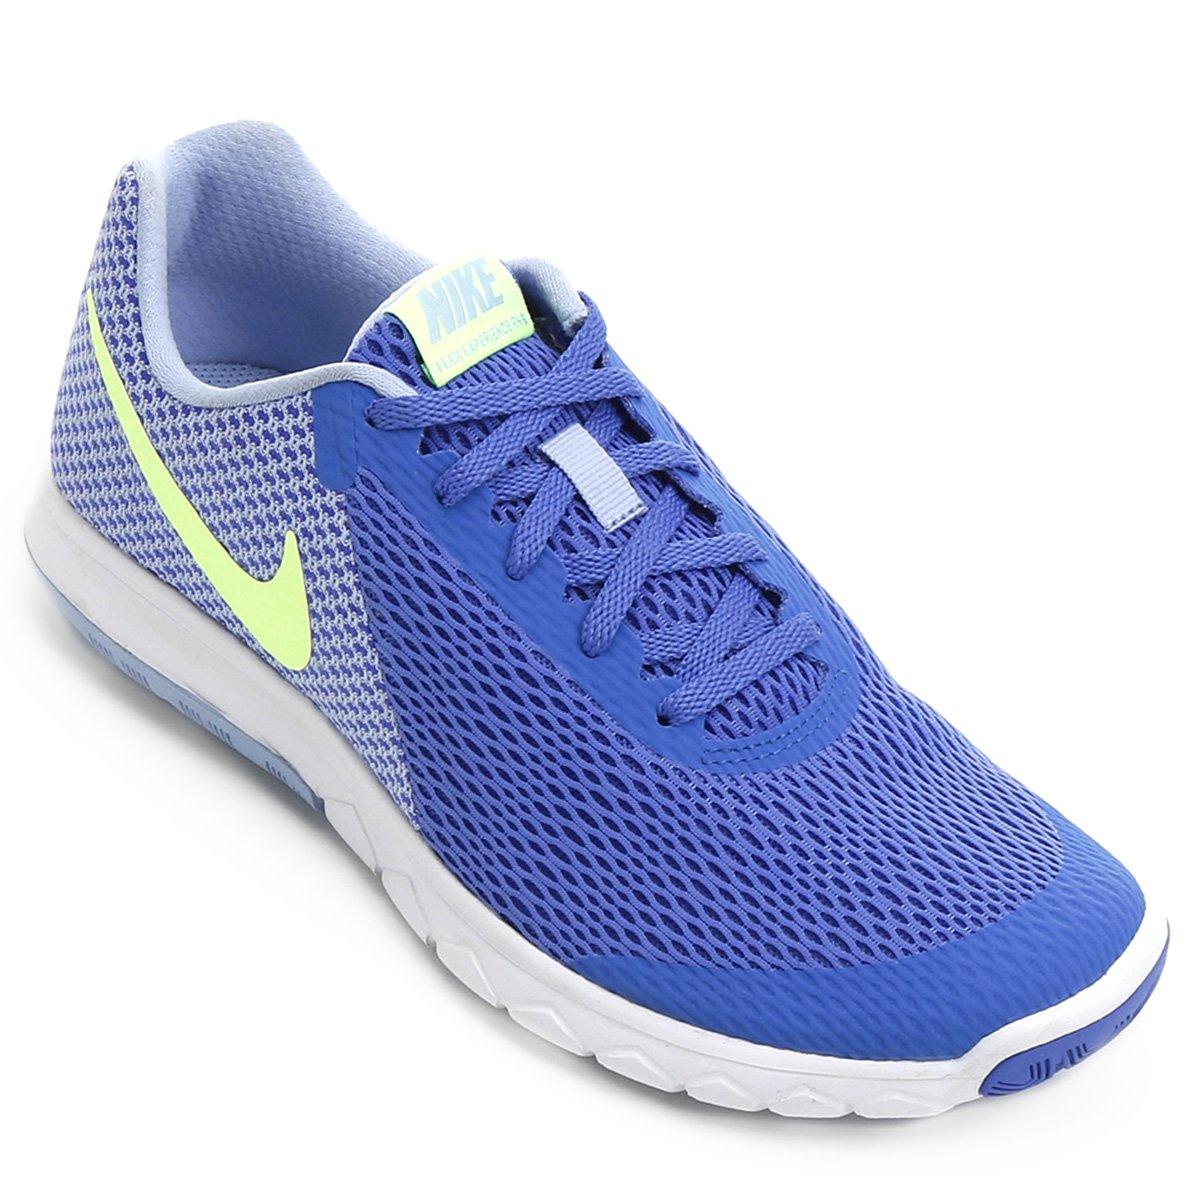 Tênis Nike Flex Experience Rn 6 Feminino - Azul - Compre Agora ... 296c6f43a8c78